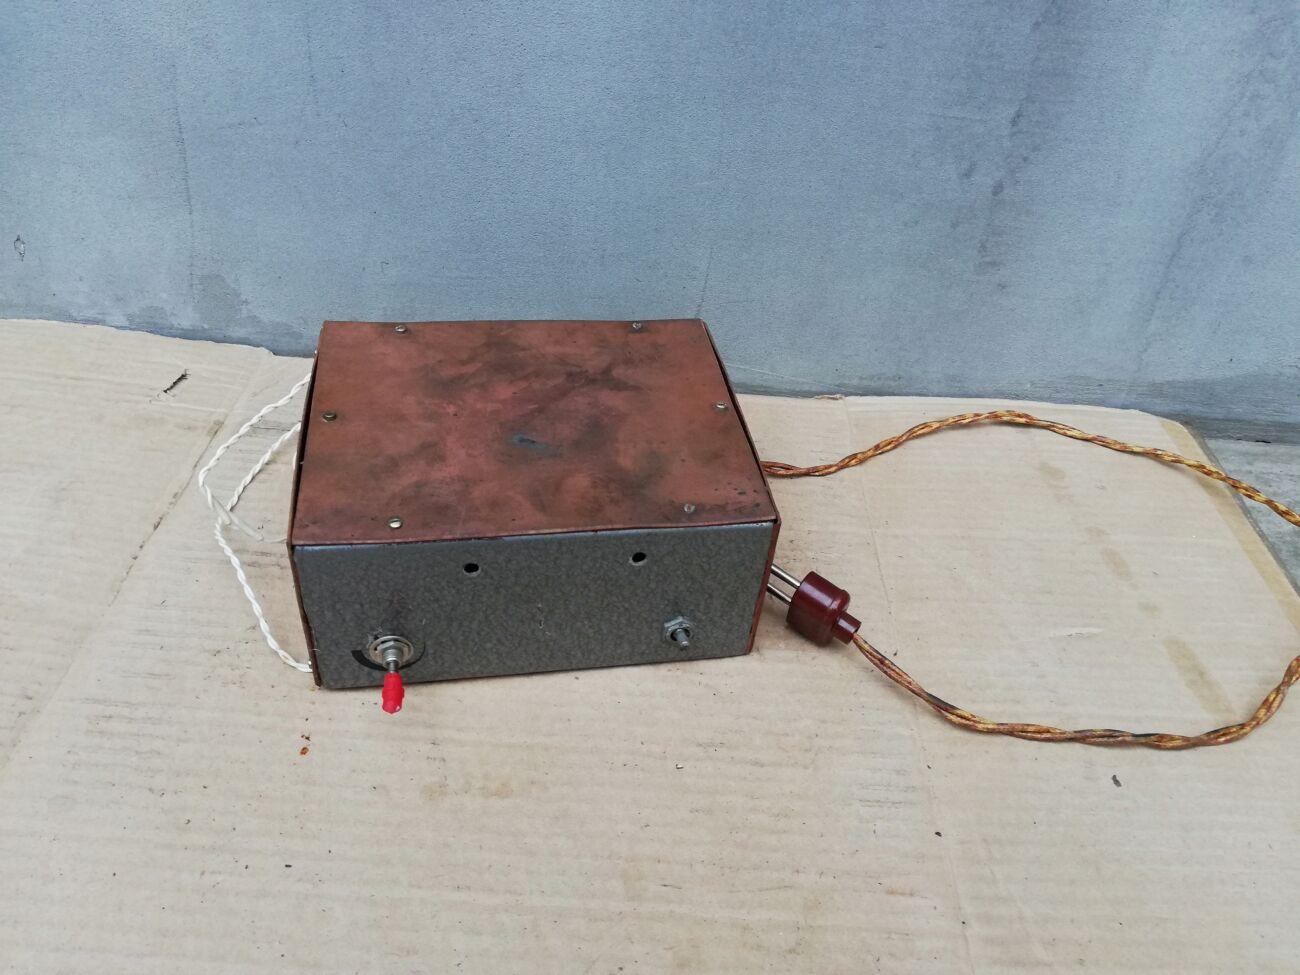 Прибор блок питания зарядное устройство